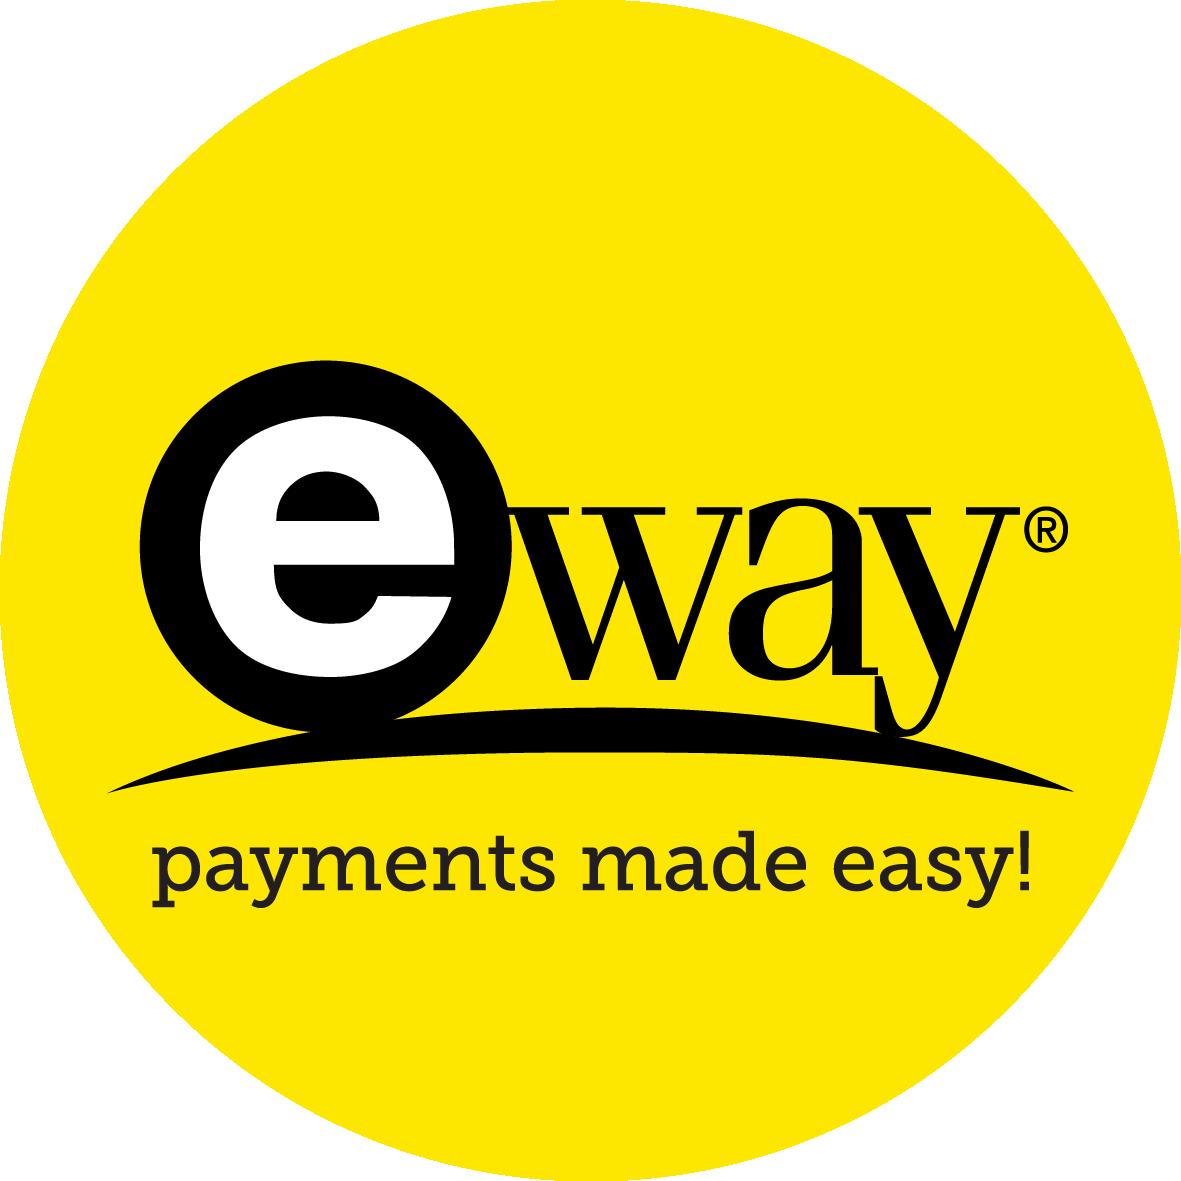 logo_eway_tagline.png